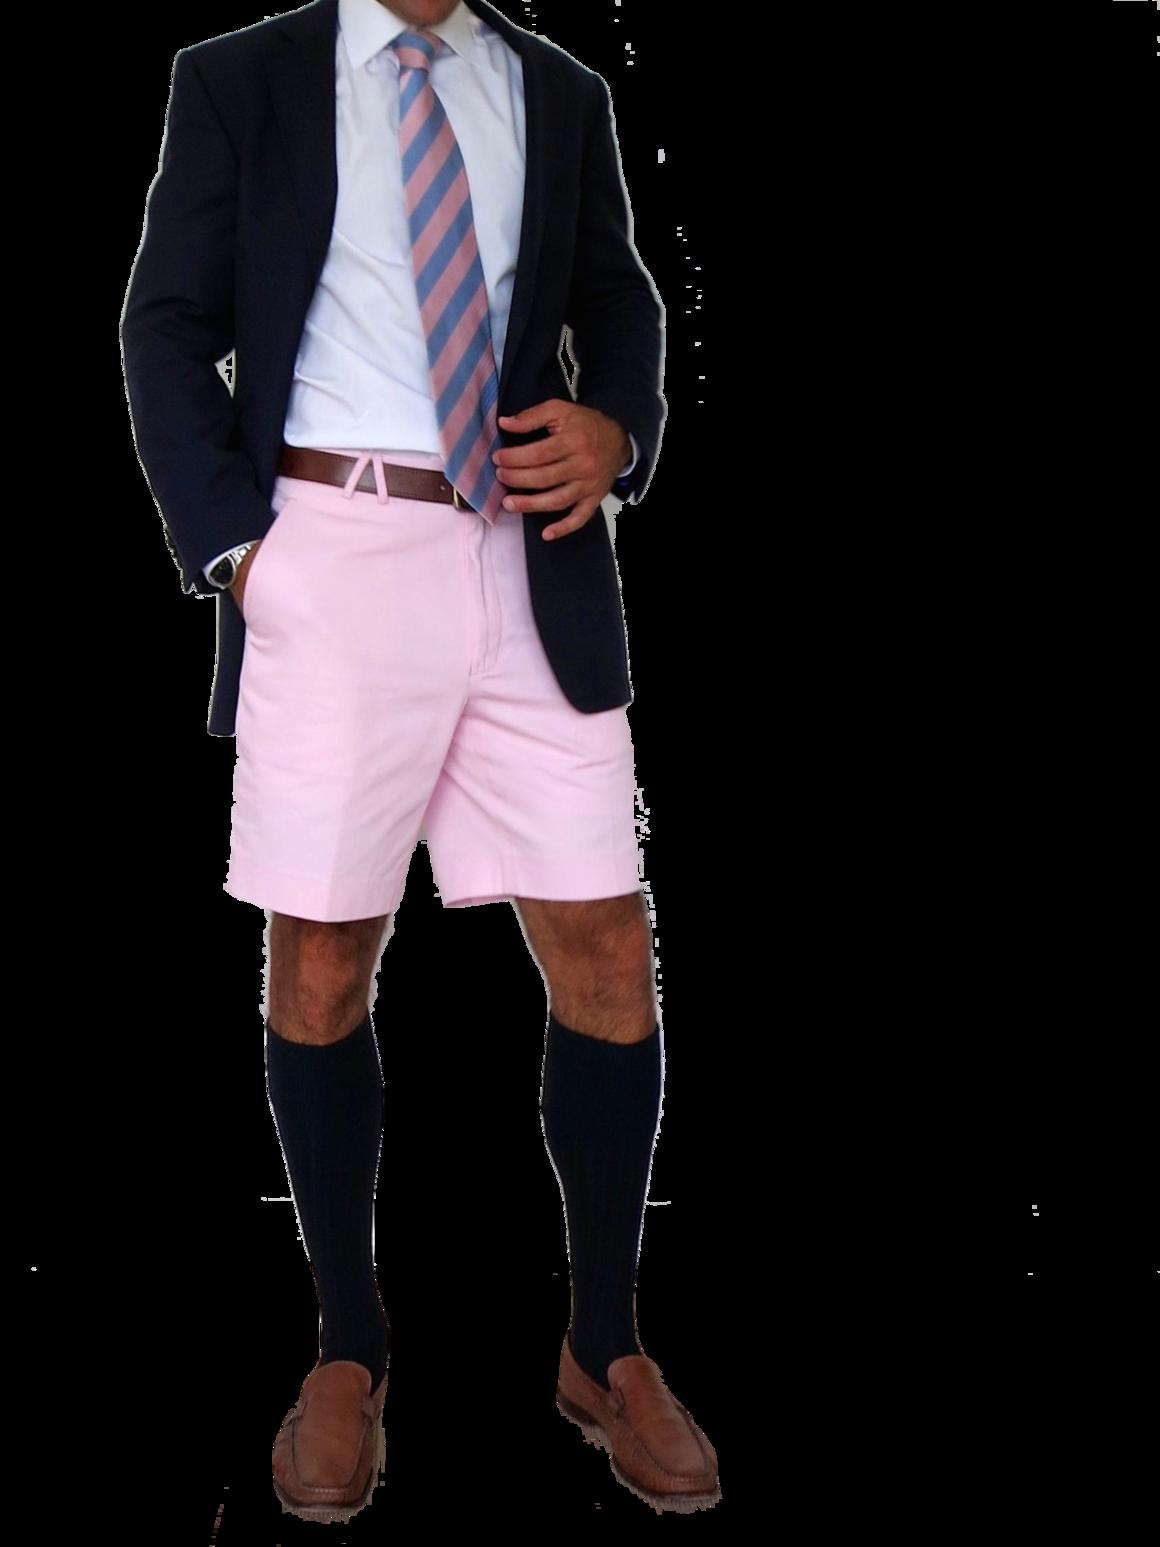 Bermuda Shorts traditional bermuda socks YDWEYFH